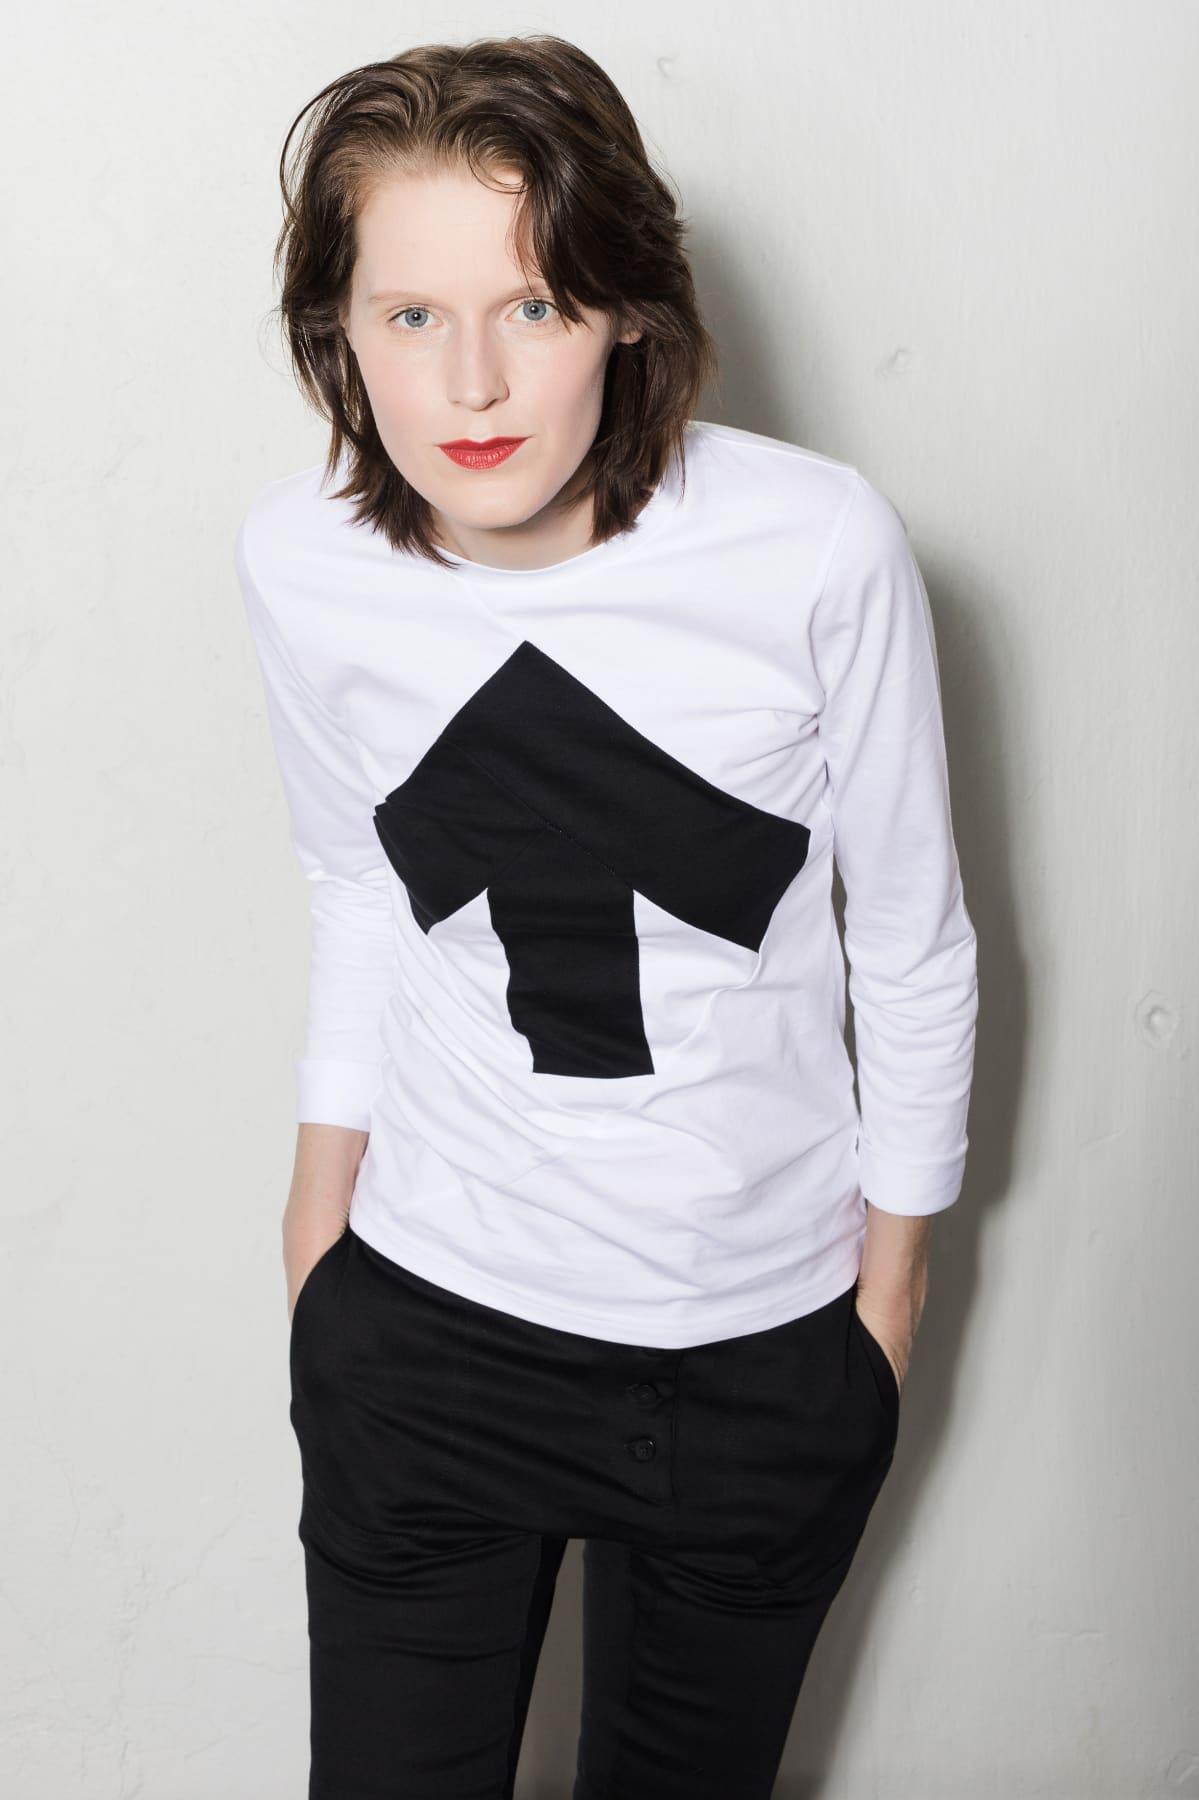 naisen päällä nuolella varustettu t-paita